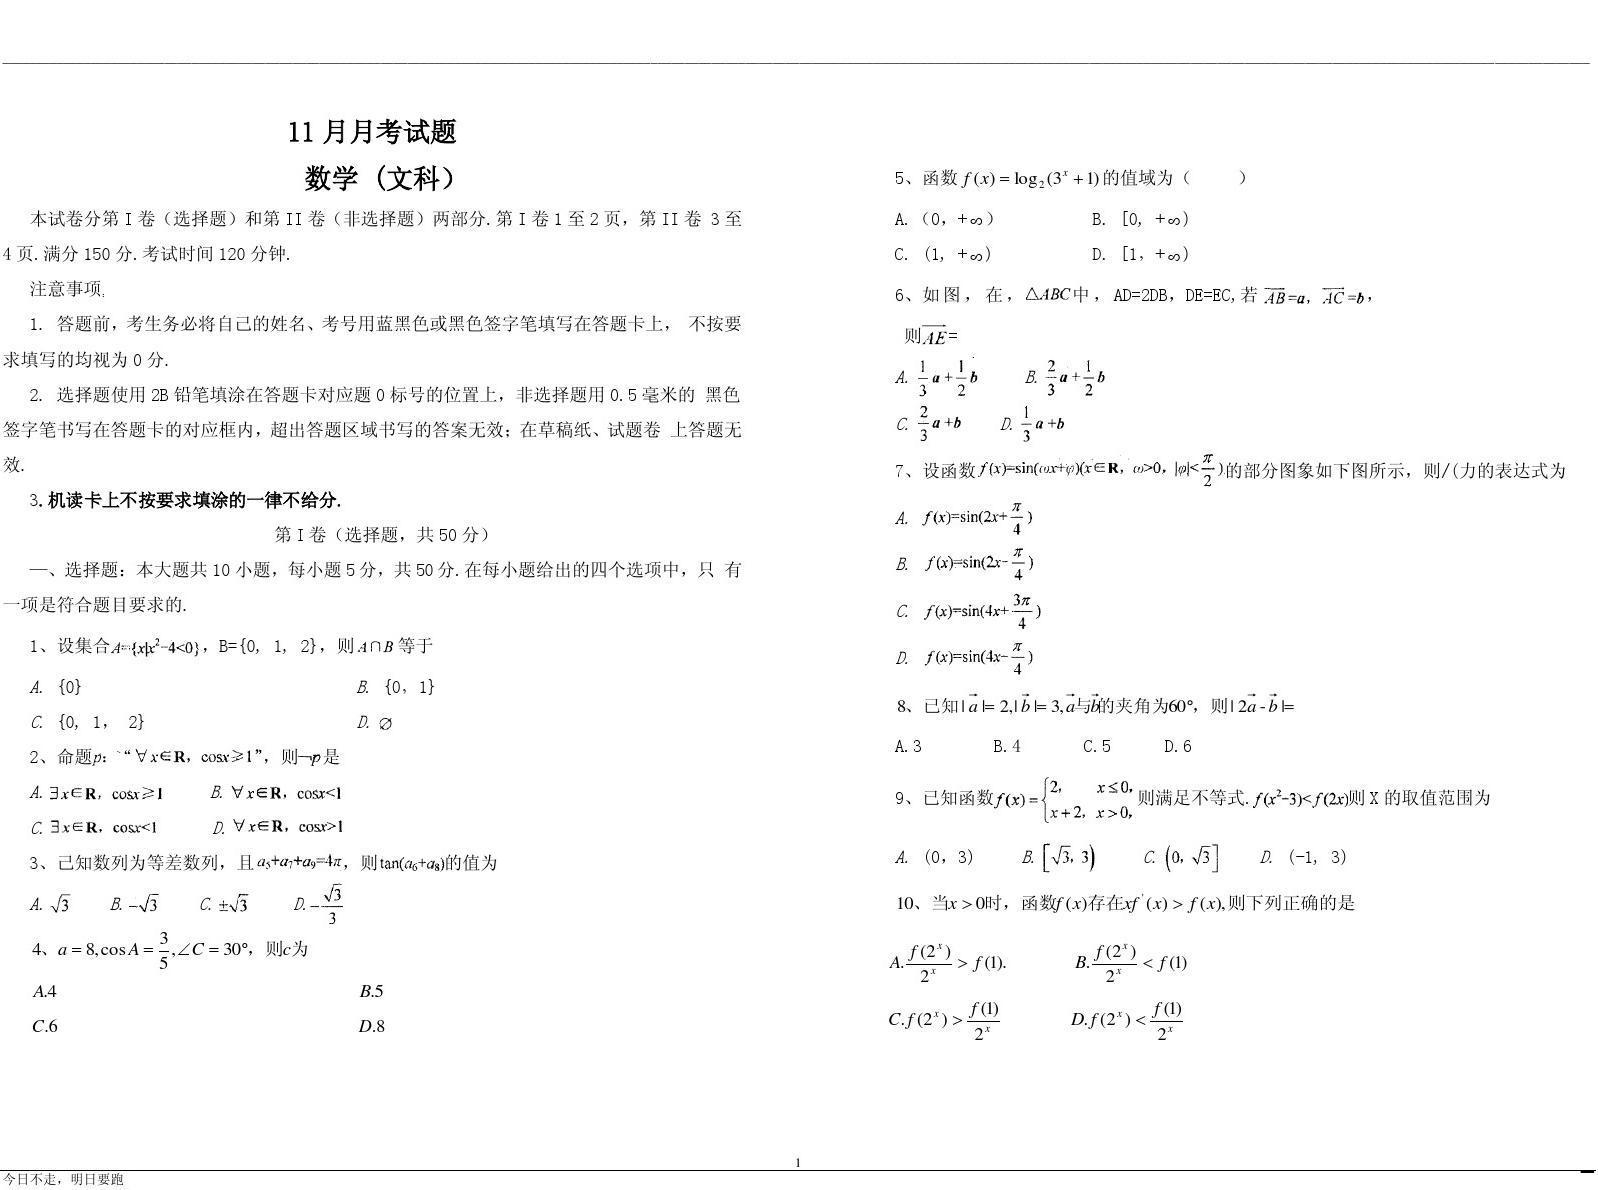 1高三文科10月月考試題